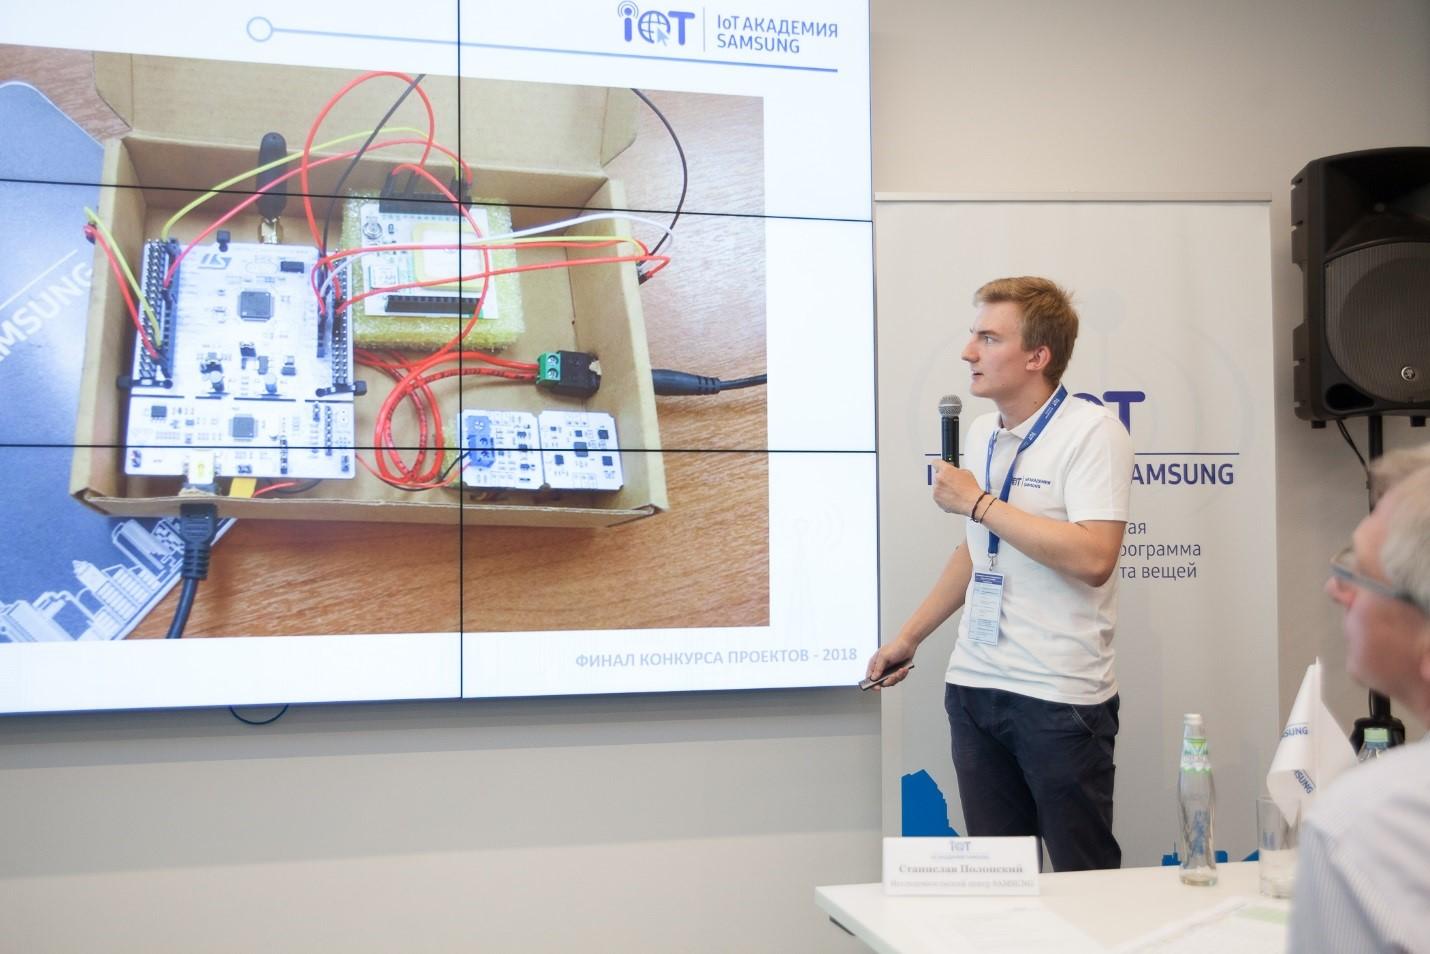 Полярная ночь, водокачка и умный сейф: 5 студенческих проектов в сфере IoT - 1